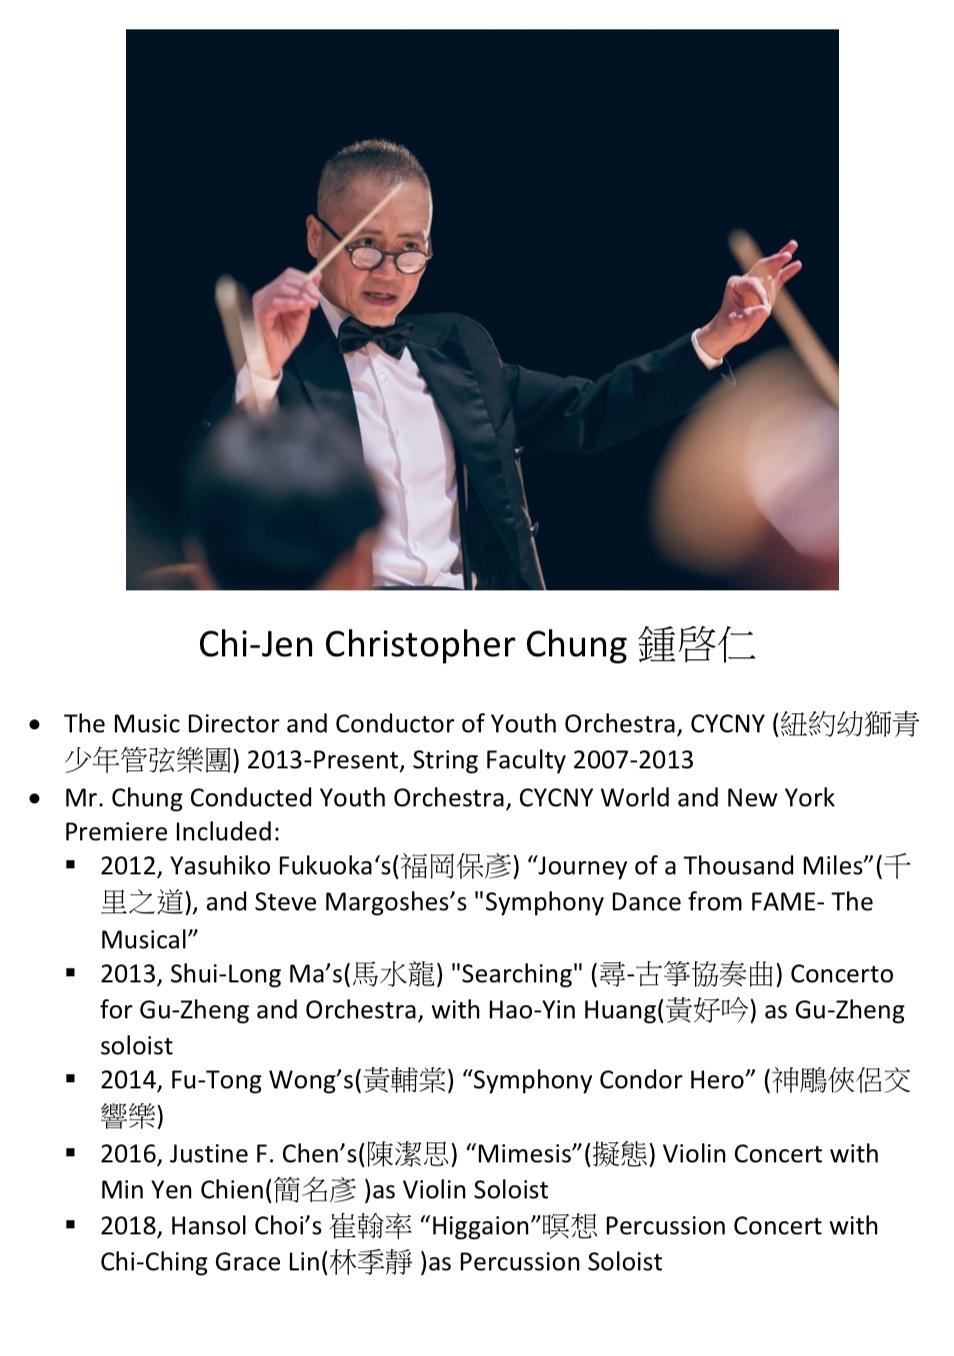 241. Chi-Jen Christopher Chung 鍾啓仁